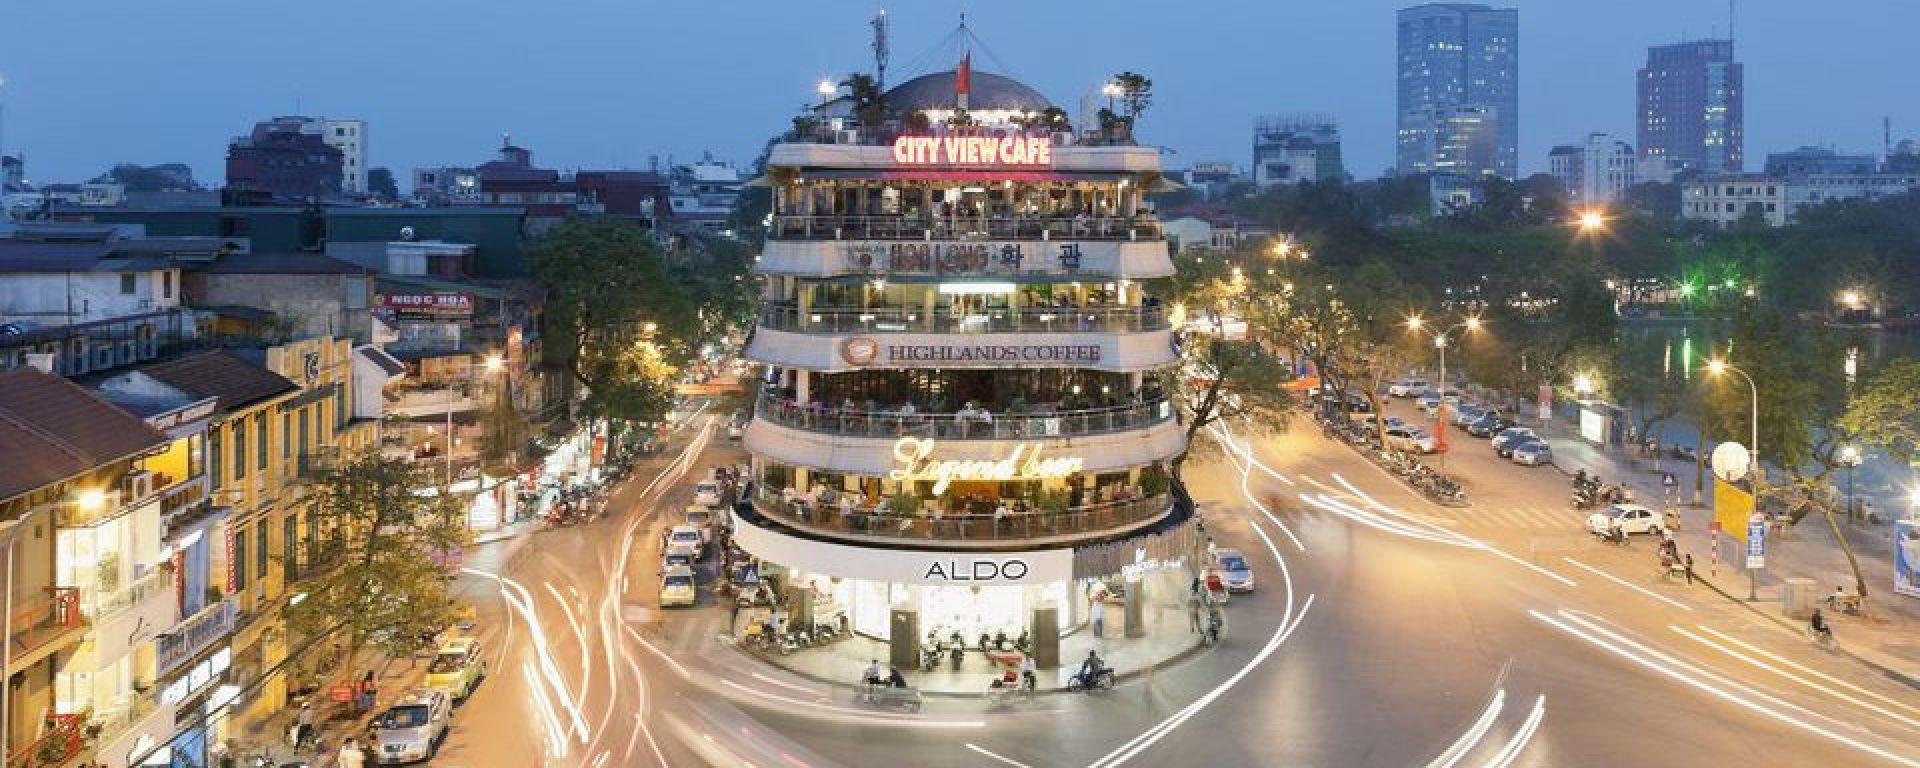 GP Vietnam: svelato il layout del circuito di Hanoi